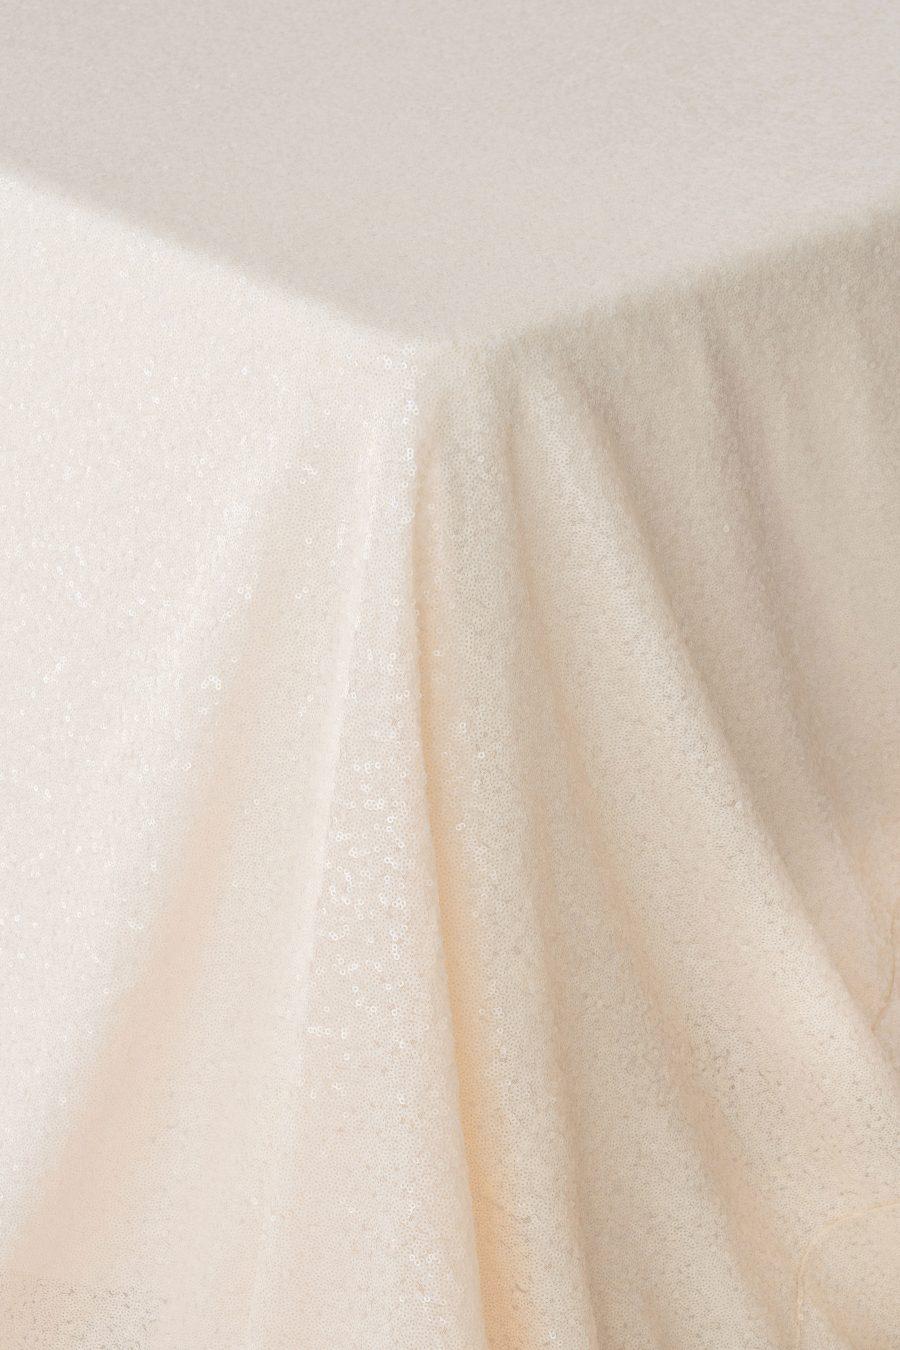 Sequin-Cream-900x1350.jpg